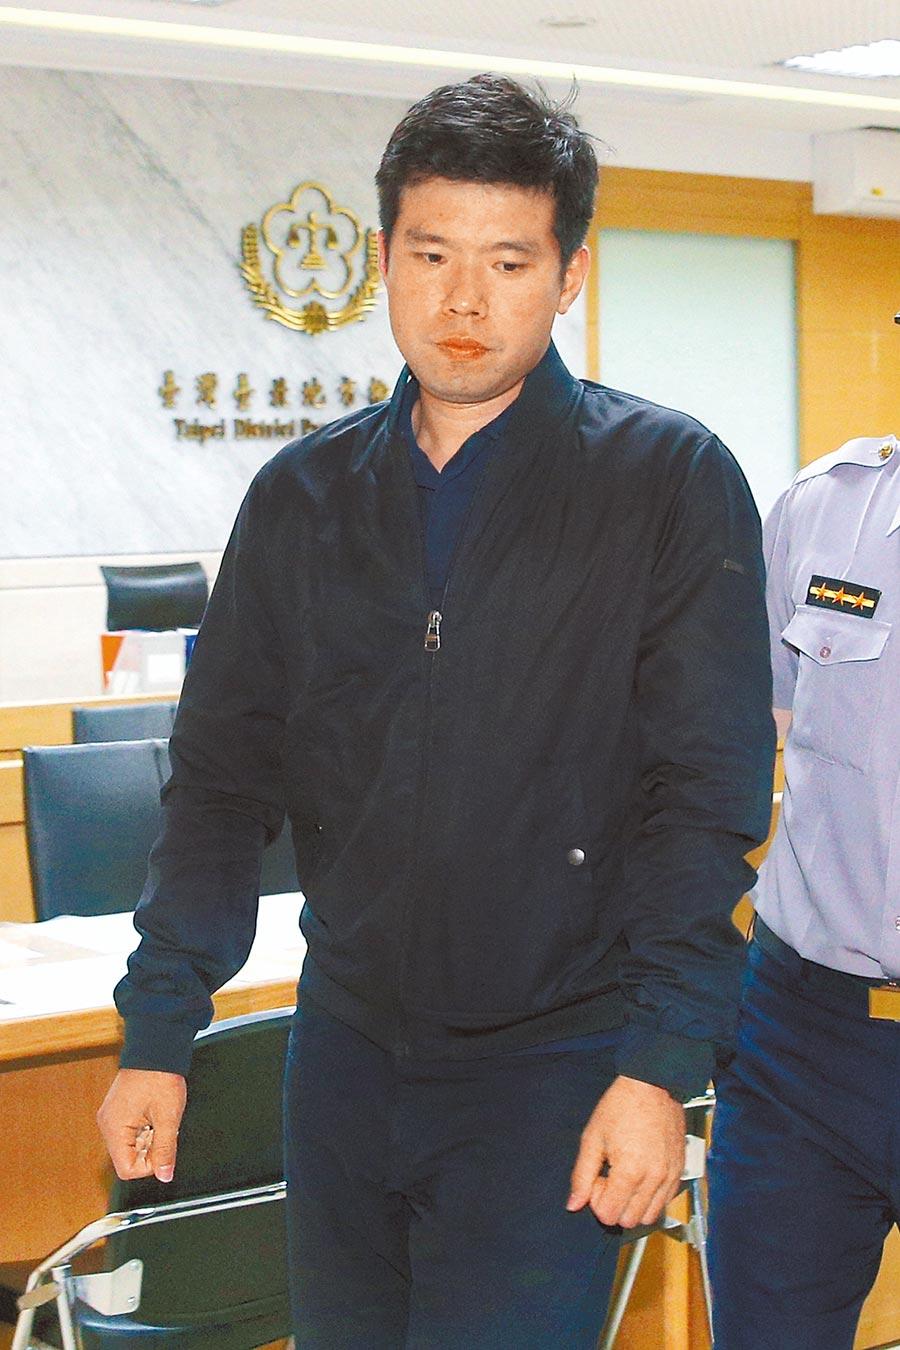 國安私菸案中,少校行政參謀吳宗憲被依貪汙治罪條例重辦起訴,未來將面對最重無期徒刑的刑罰。(本報資料照片)